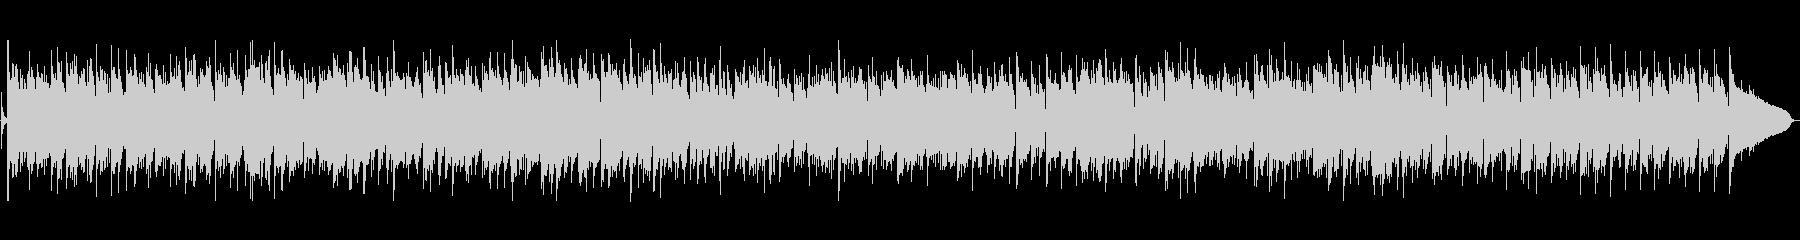 ピアノが特徴的なボサノバの未再生の波形